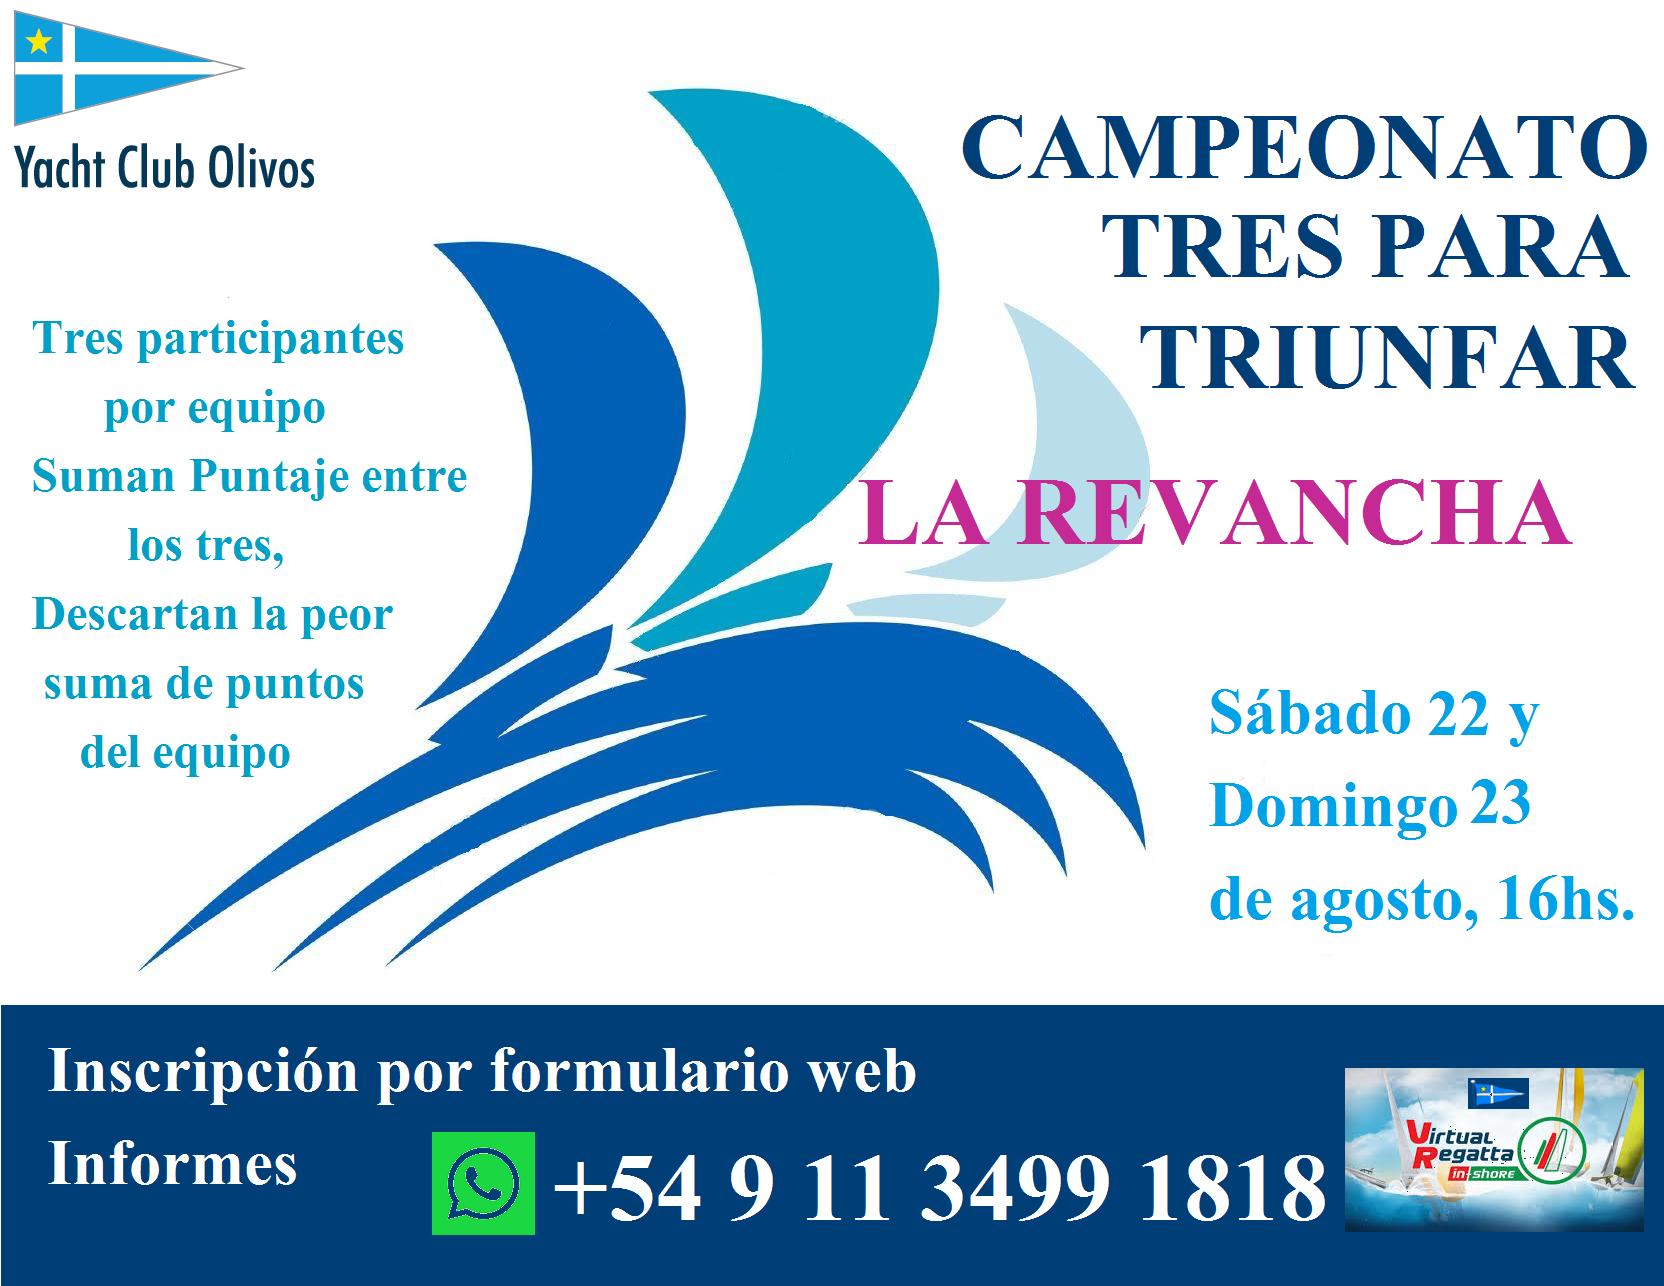 Campeonato Tres Para Triunfar, La Revancha